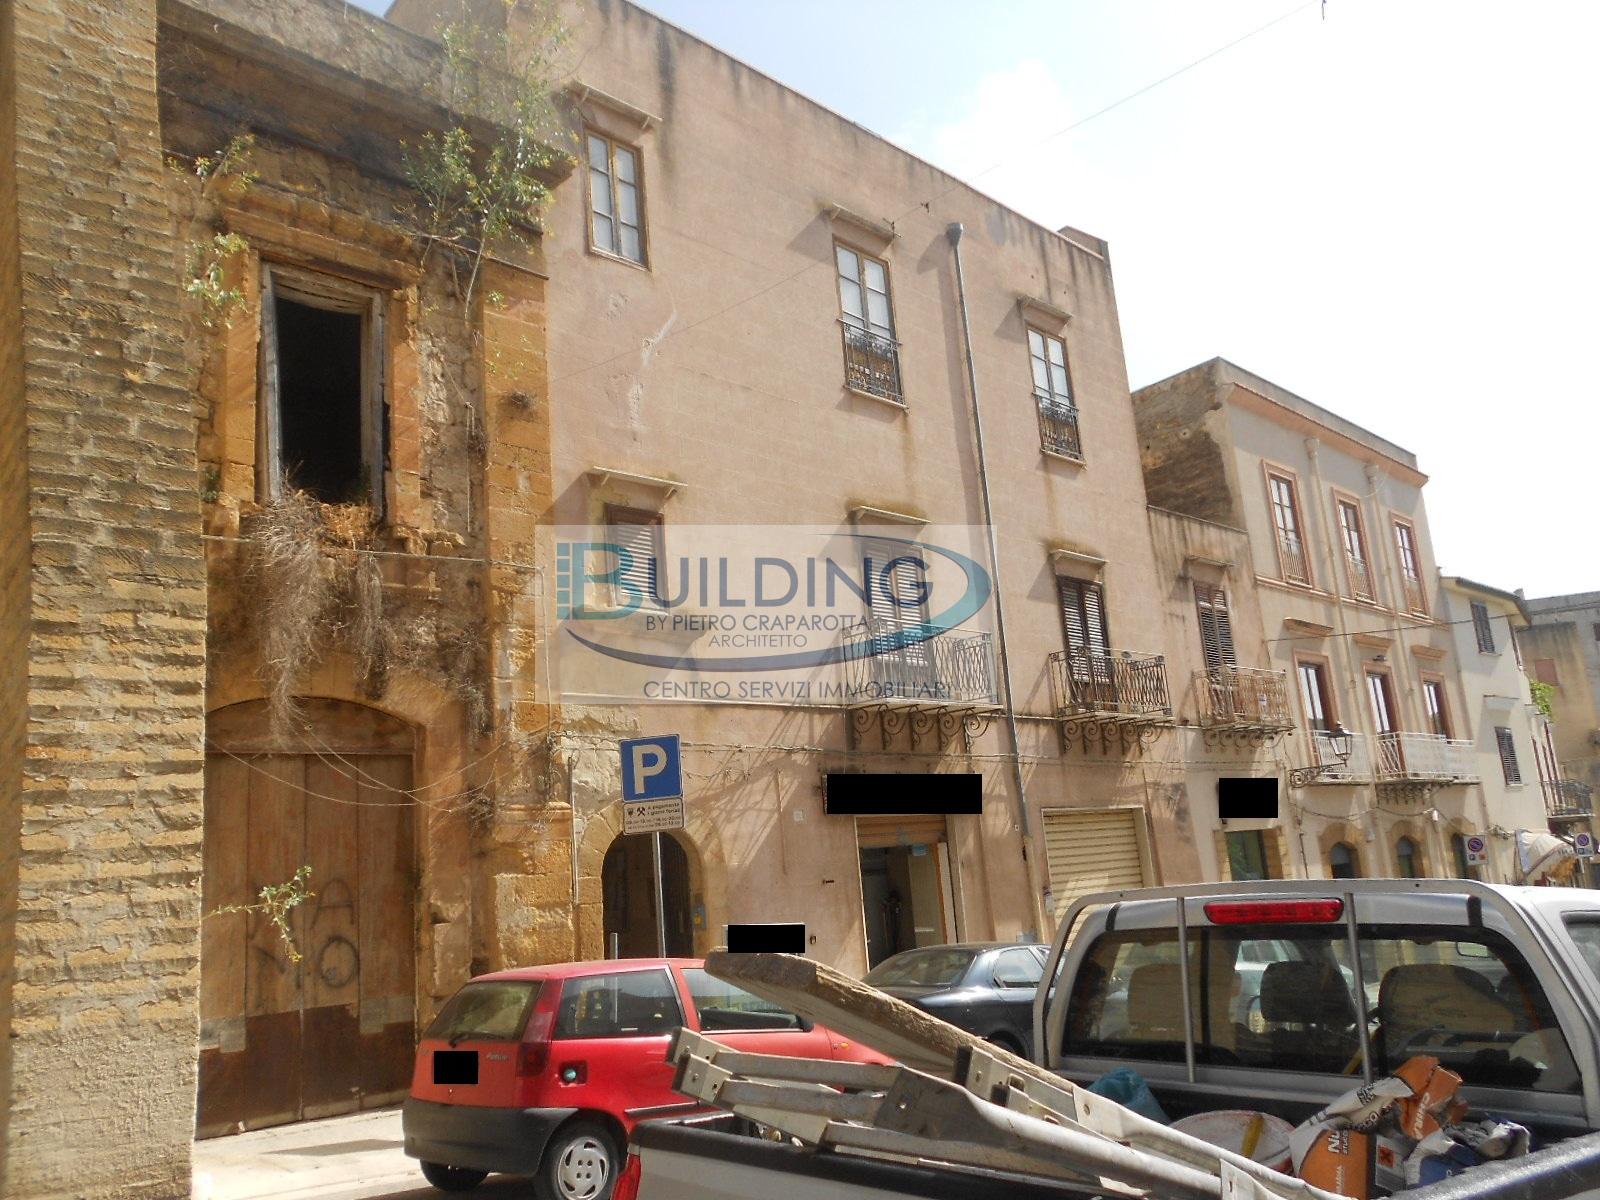 Appartamento in vendita a Castelvetrano, 7 locali, zona Località: CentroStorico, prezzo € 29.000 | PortaleAgenzieImmobiliari.it